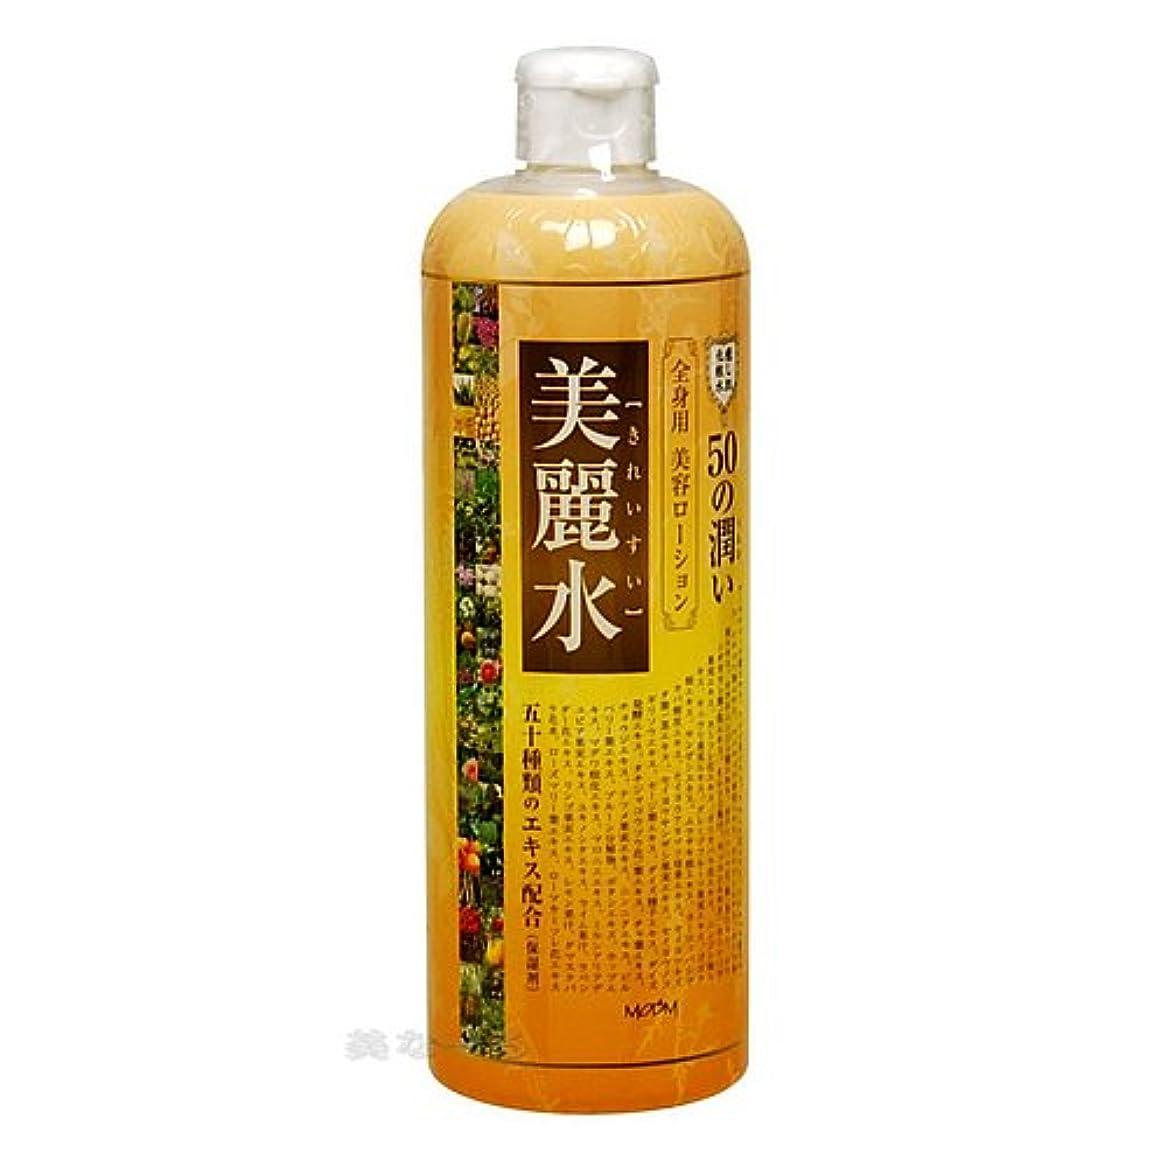 バーマド魅了する芸術モデム ナチュラルウォーター50 【美麗水】